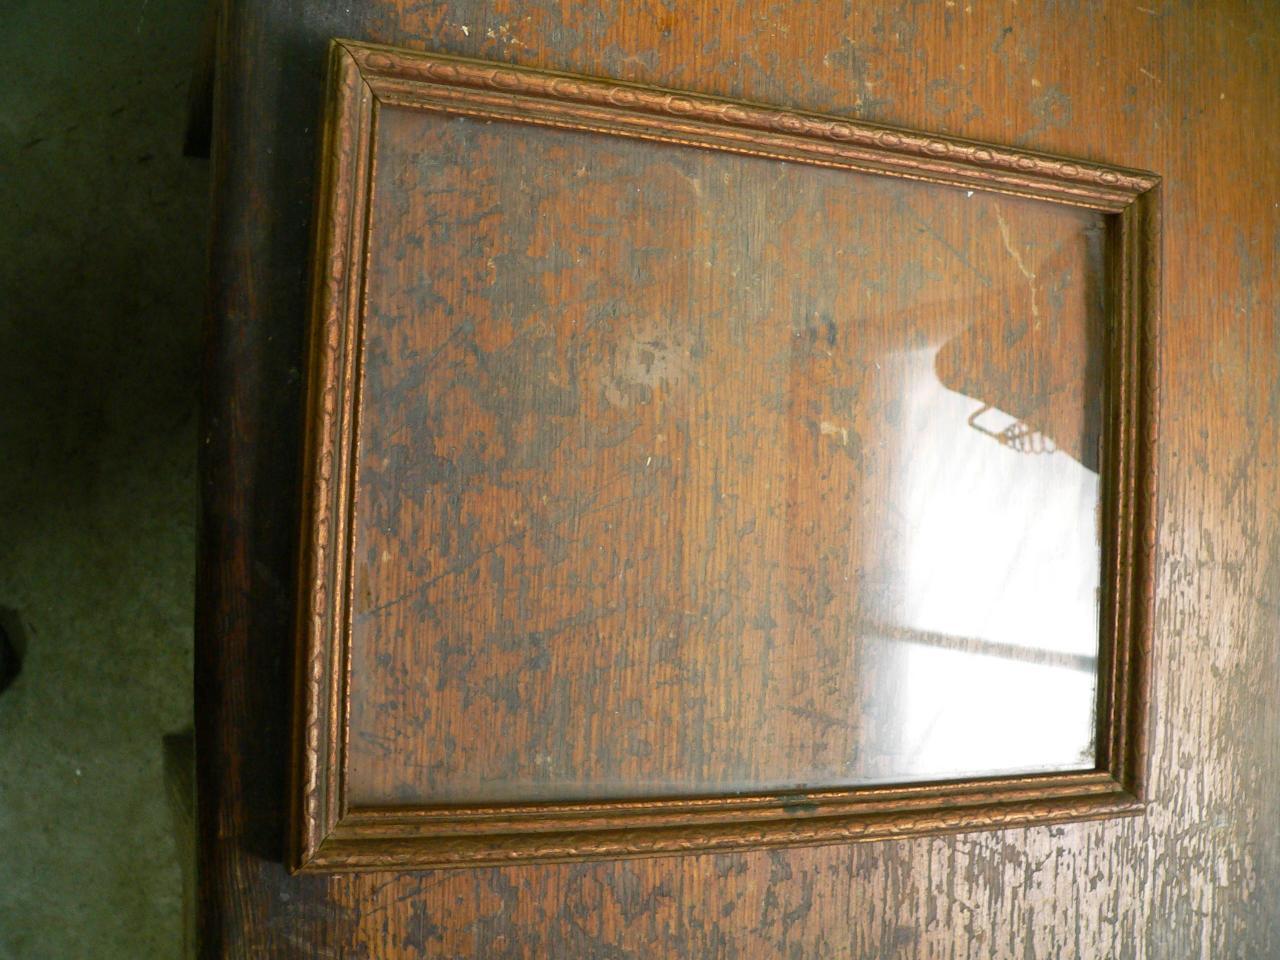 Cadre antique # 1158